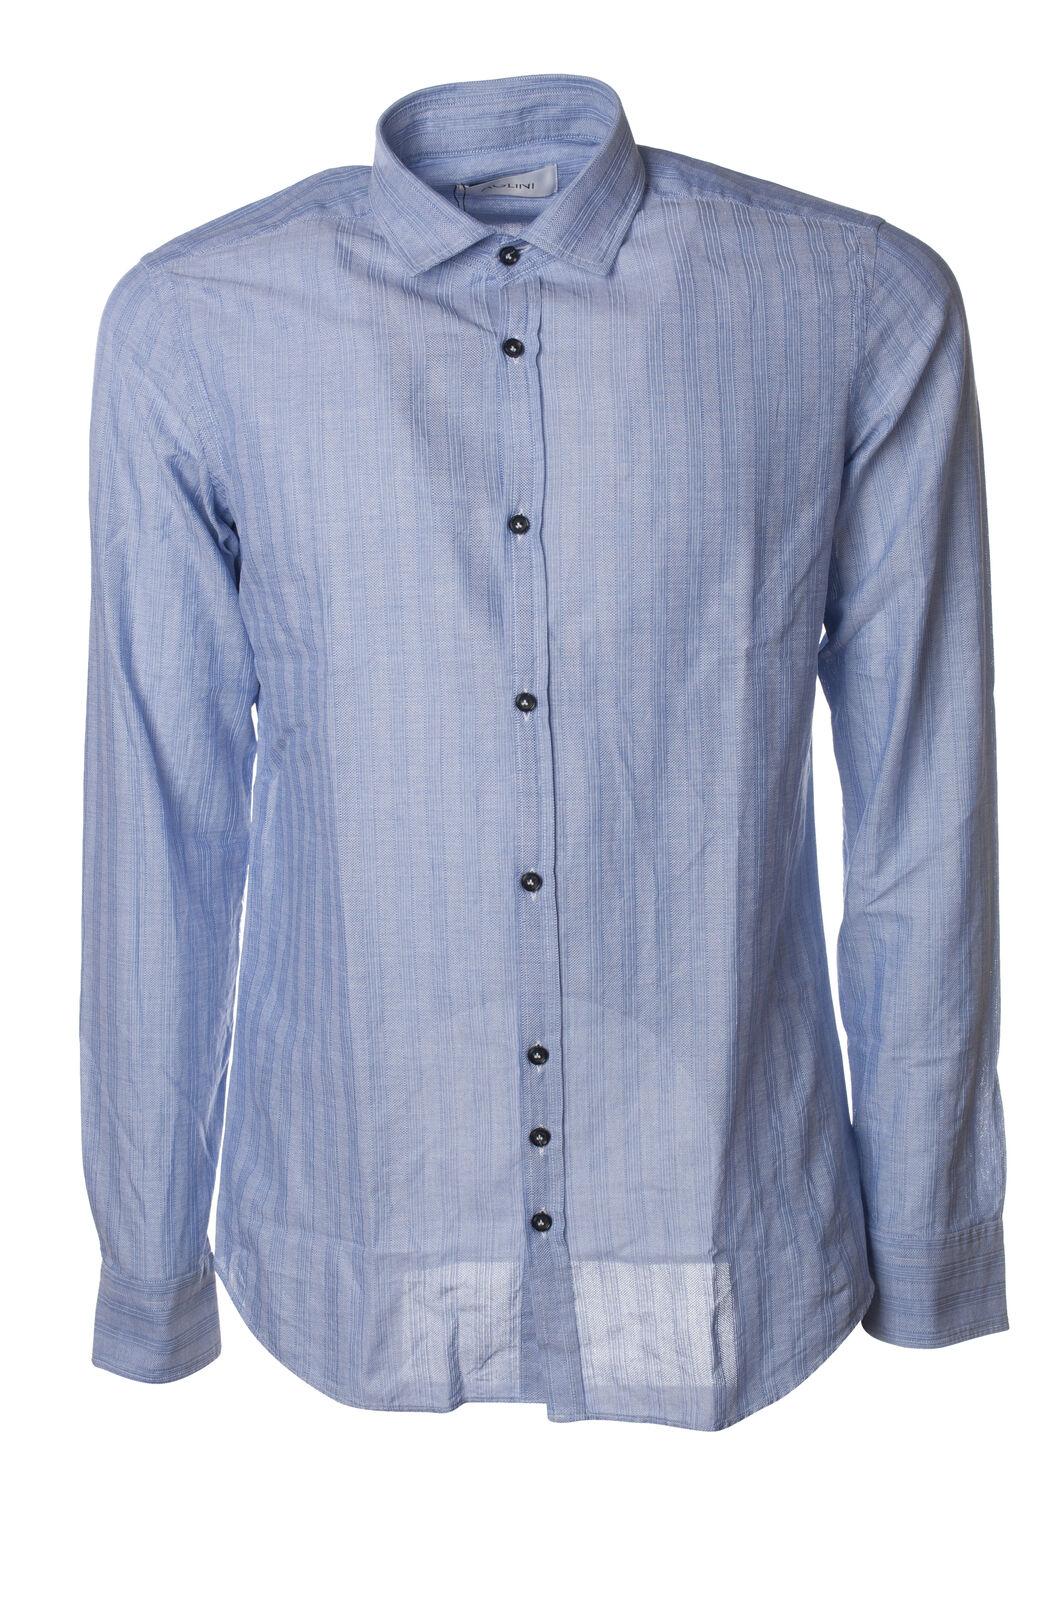 Aglini - Camicie-Camicia - Uomo - Blu - 6086609D191318